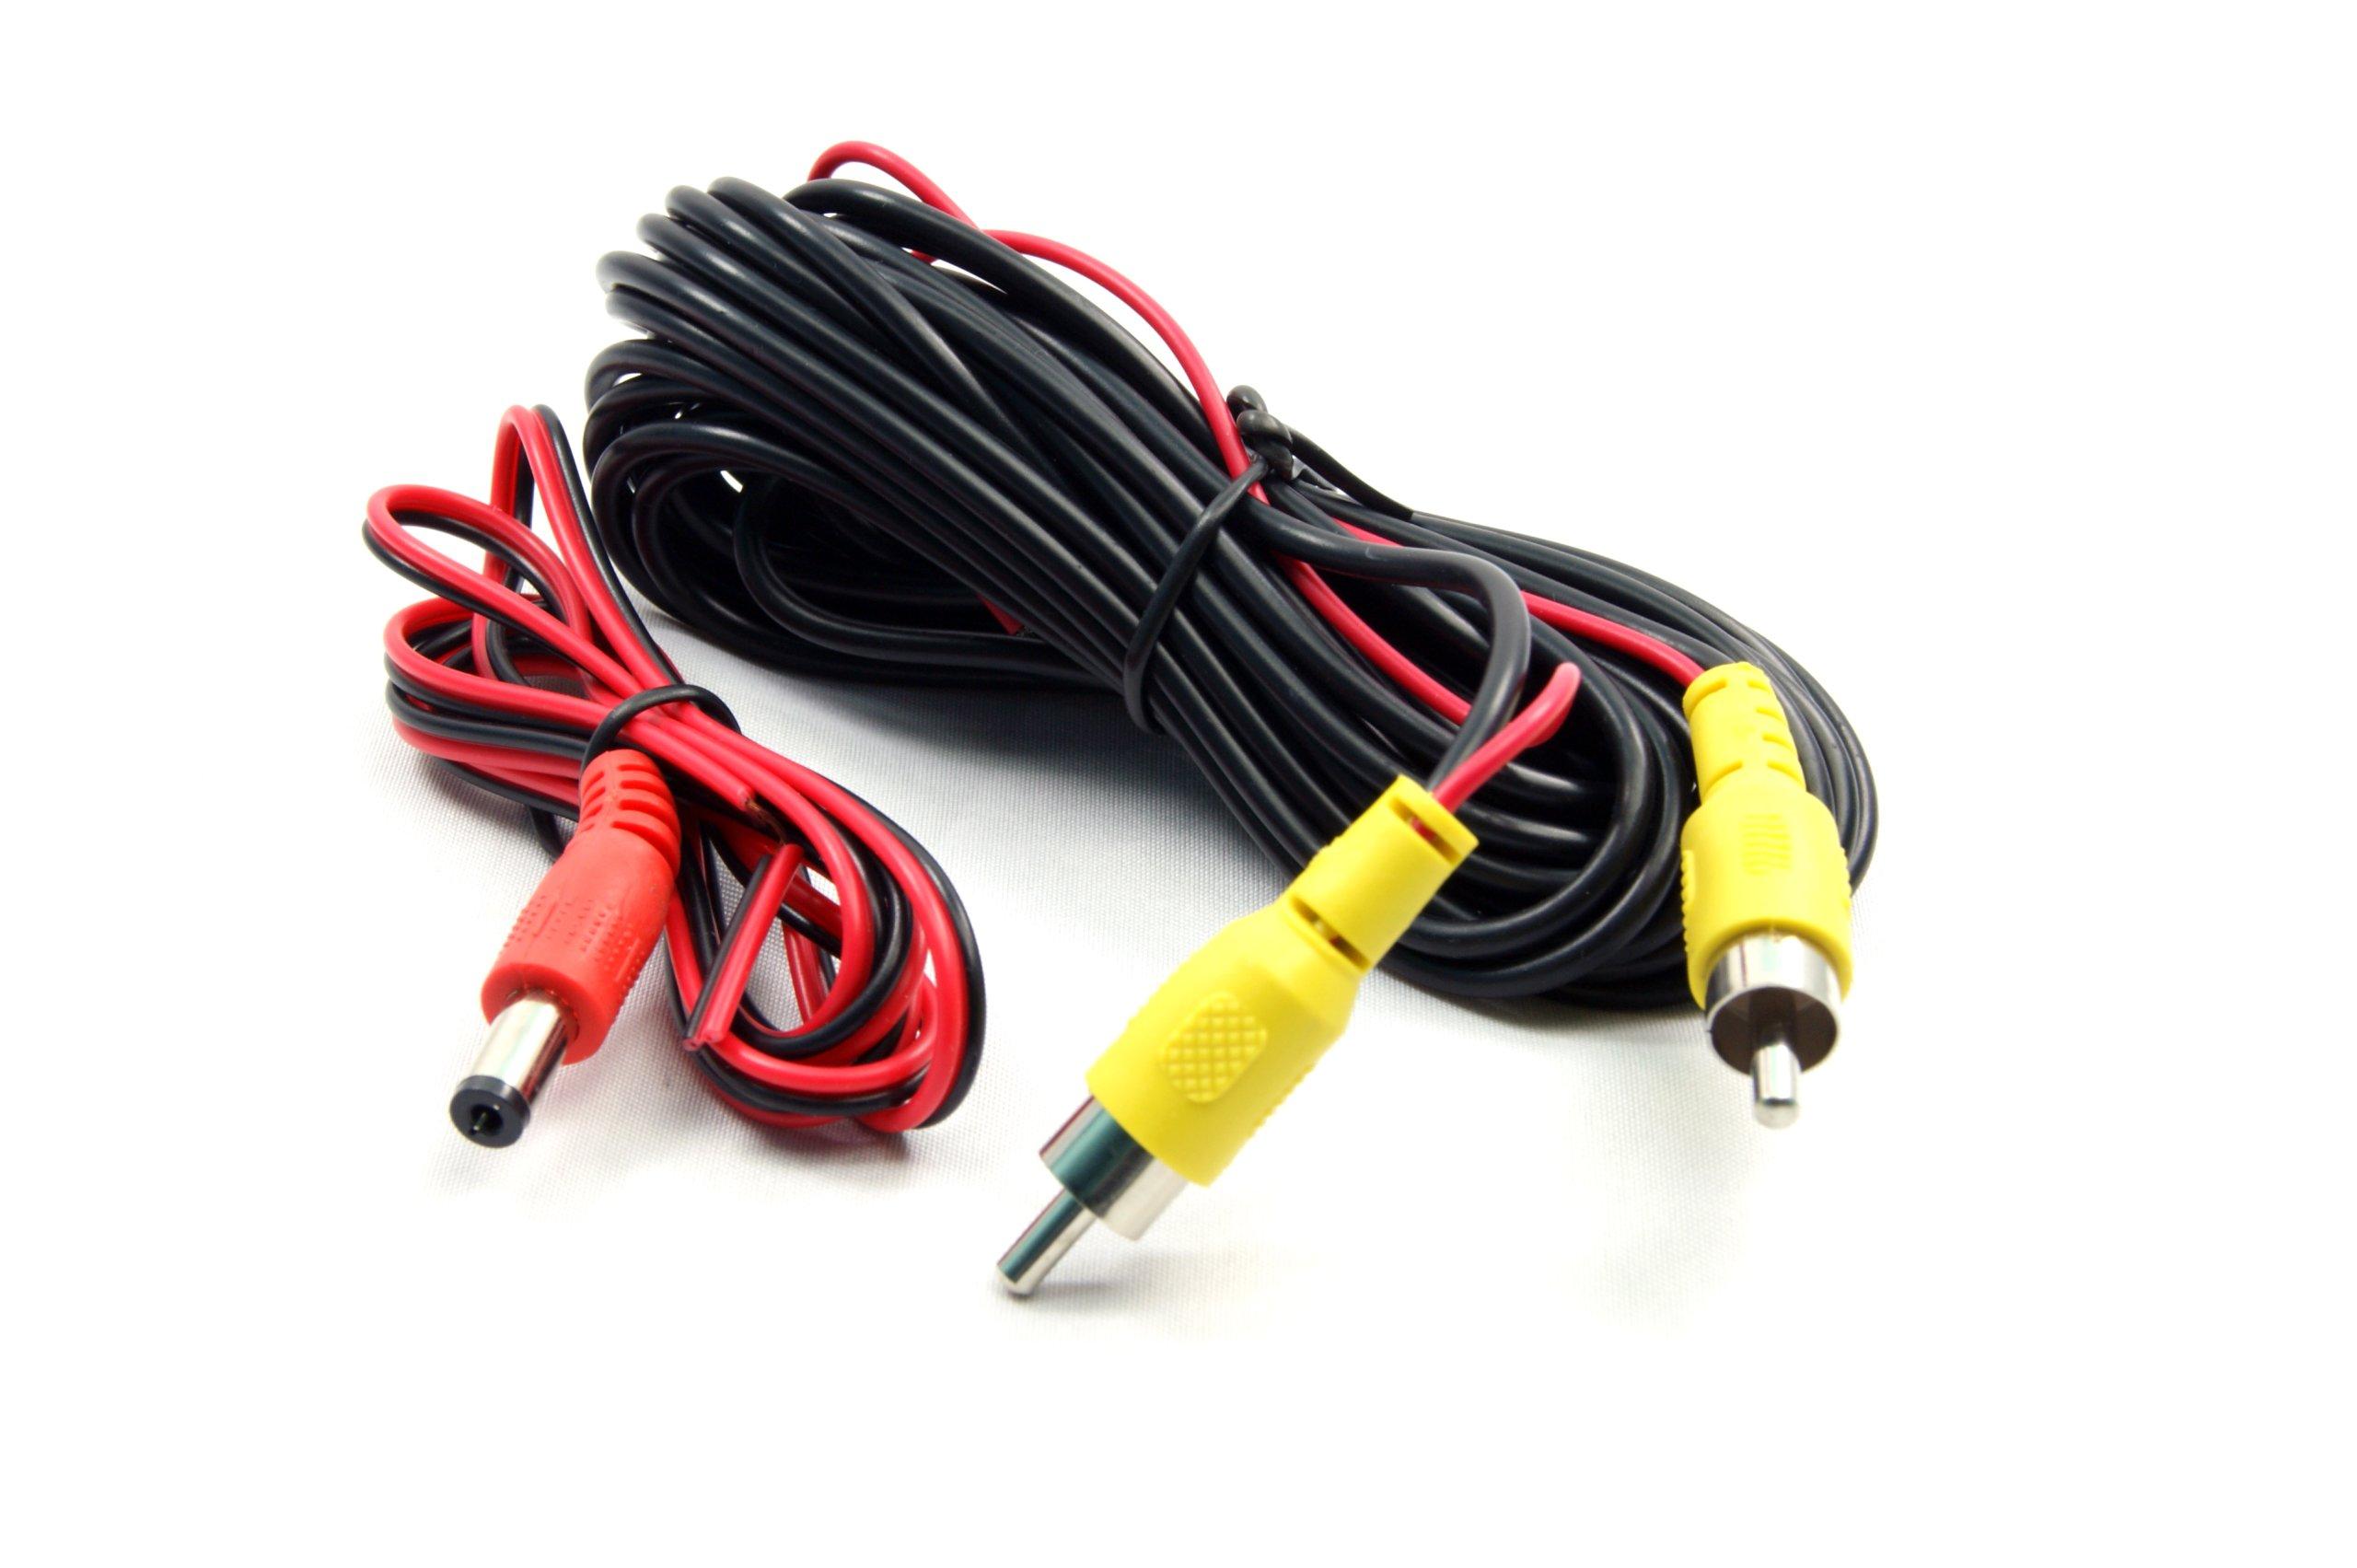 набор проводов для парковочной камеры микро